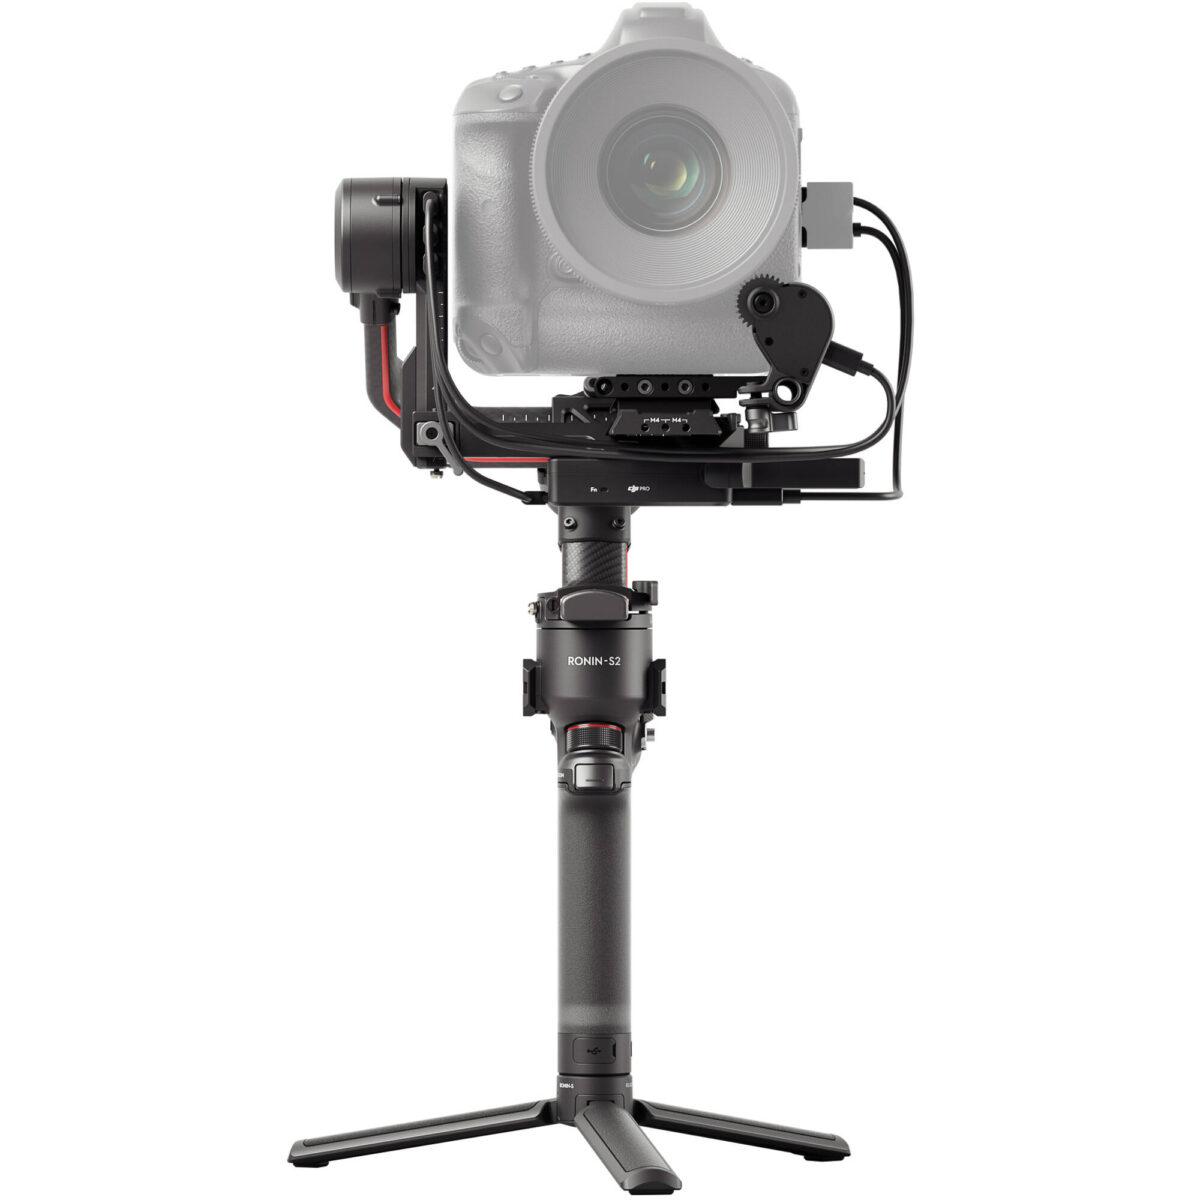 گیمبال دوربین DJI RS 2 Gimbal Stabilizer Pro Combo